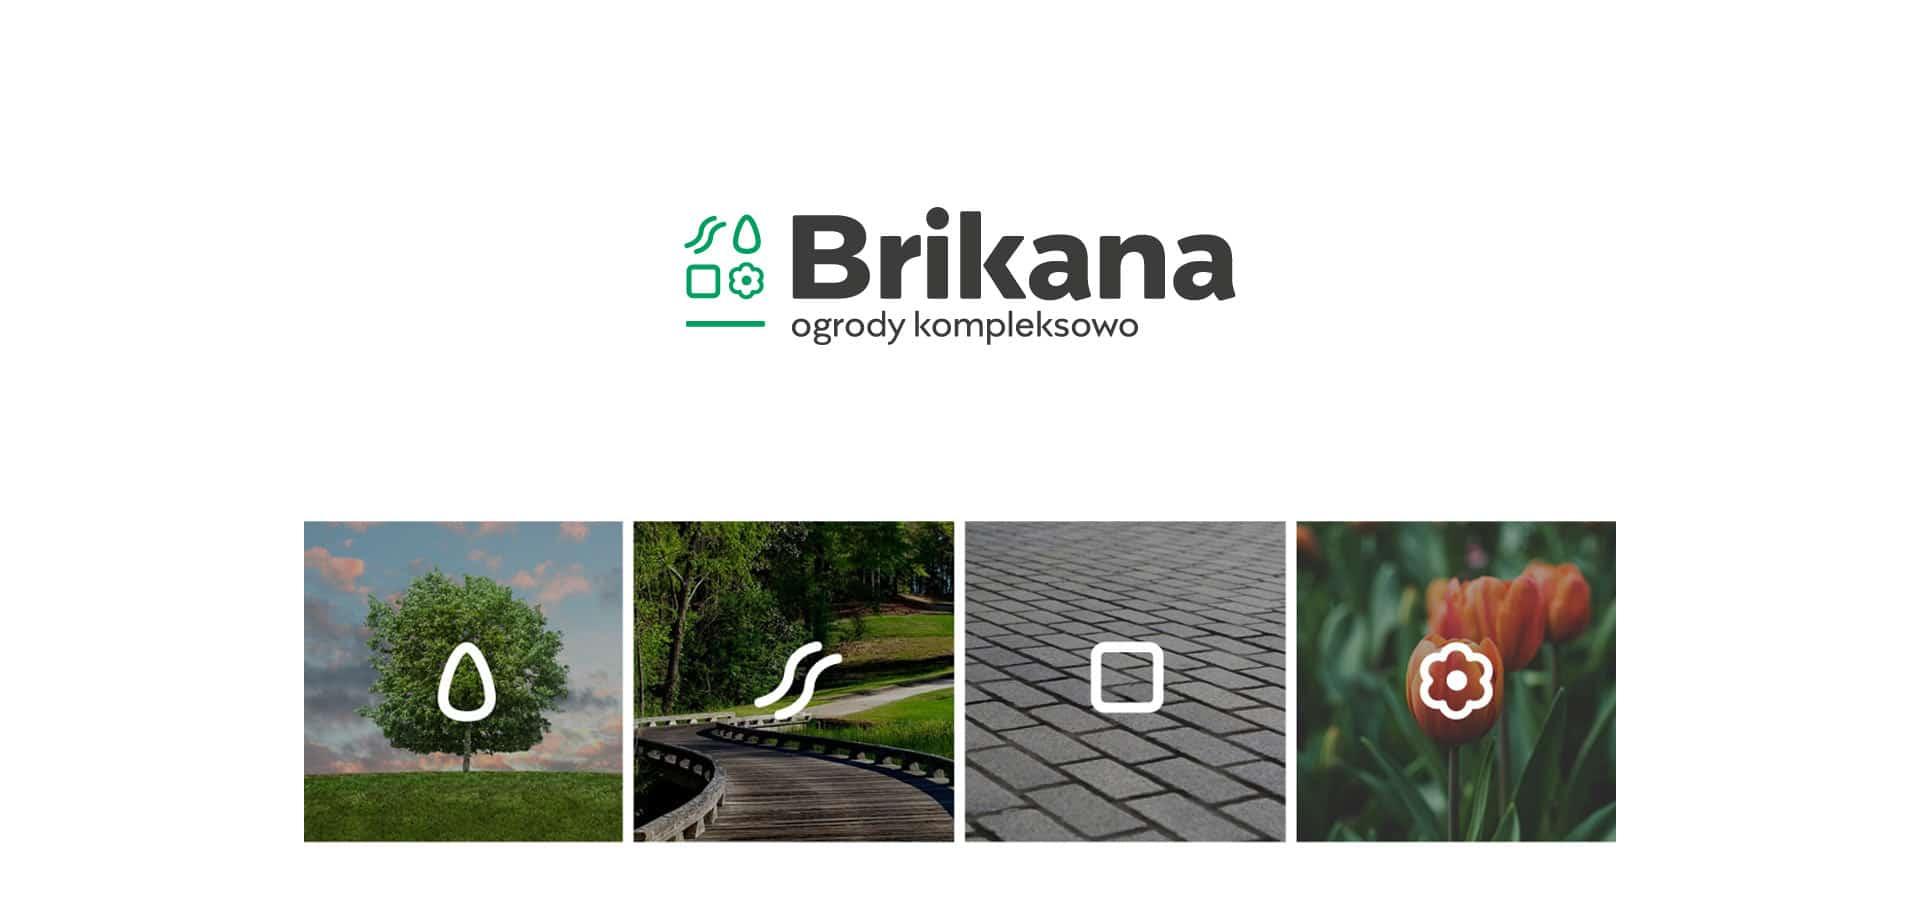 brikana projekt logo identyfikacja wizualna